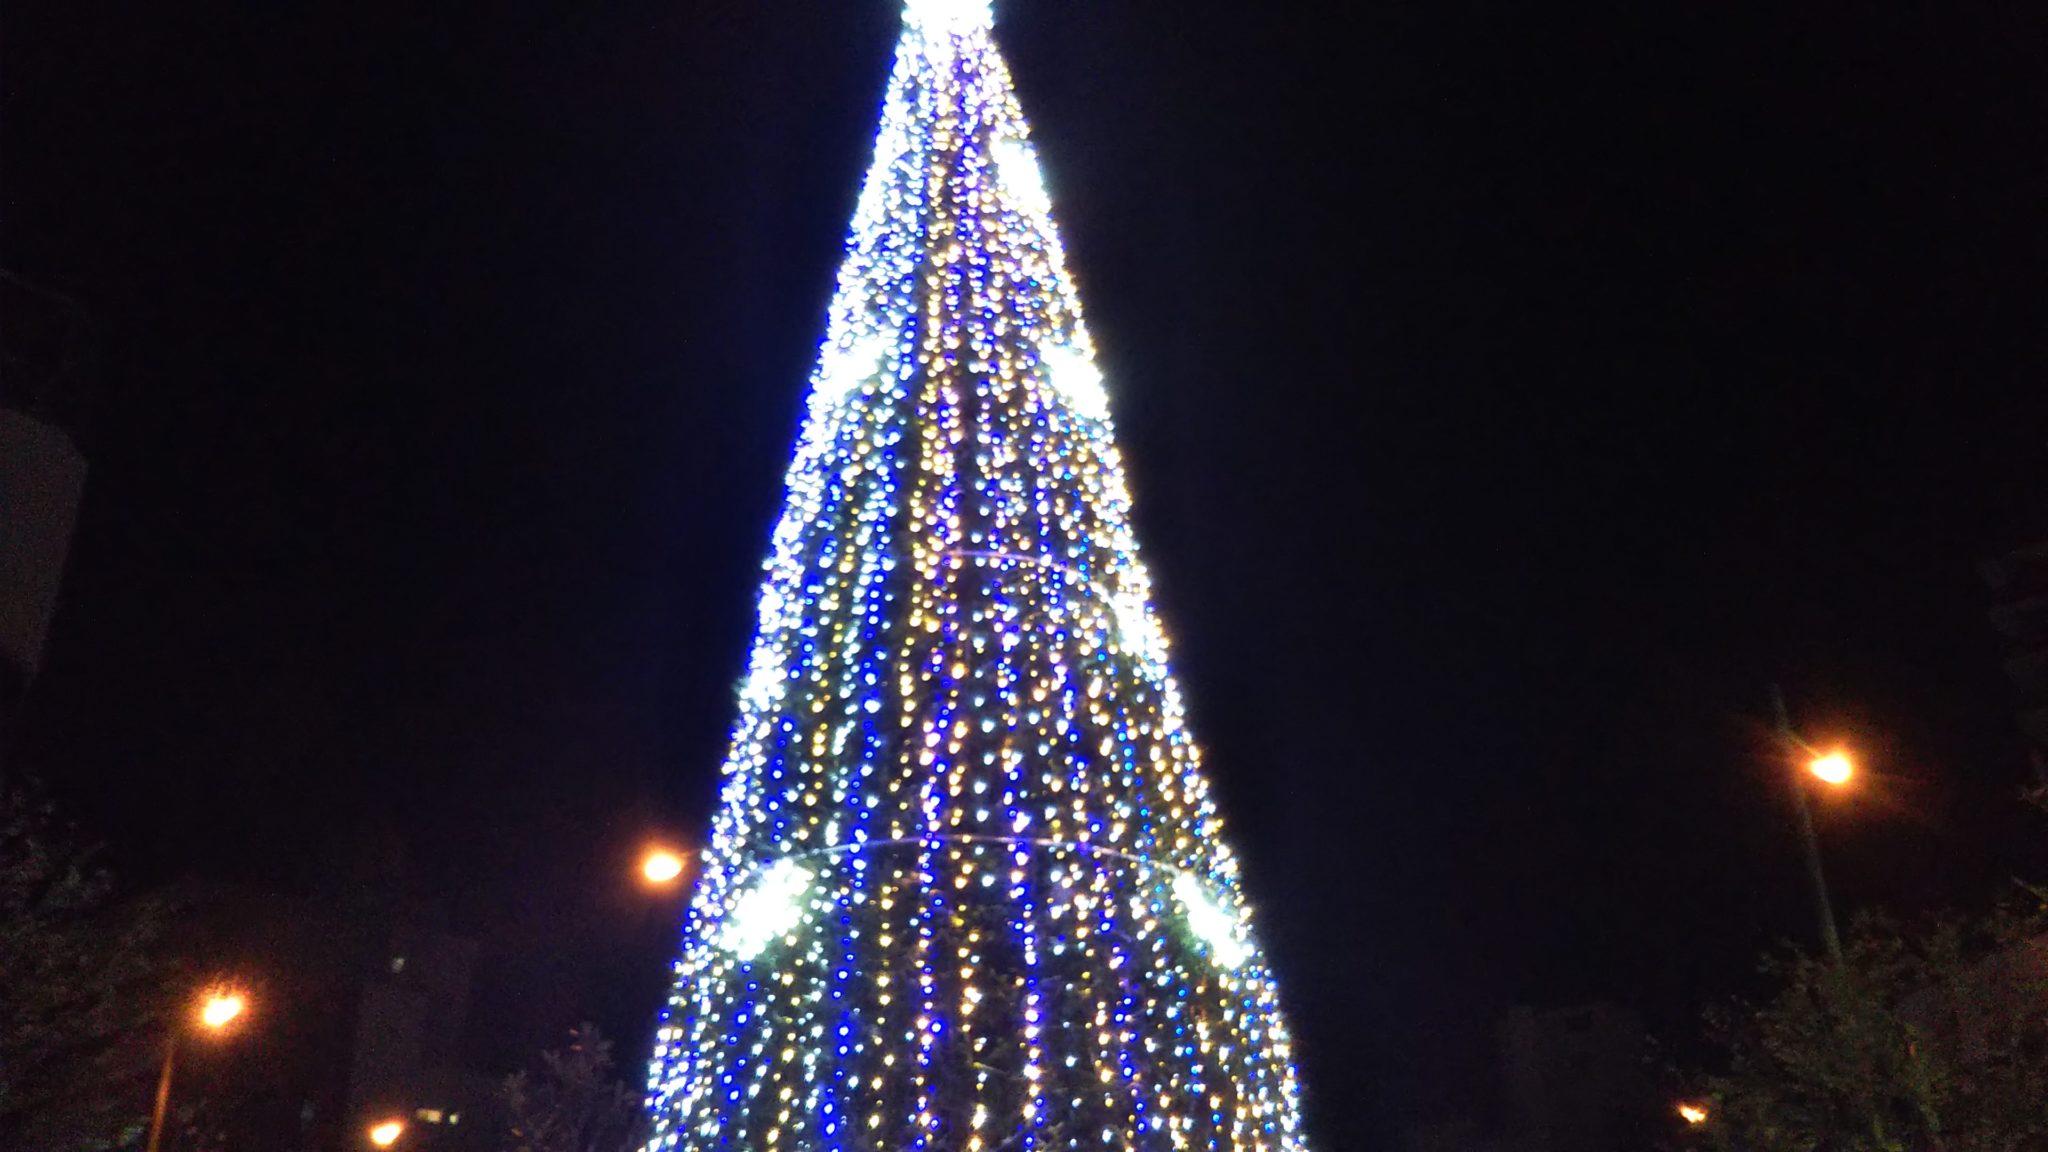 久留米クリスマスツリー